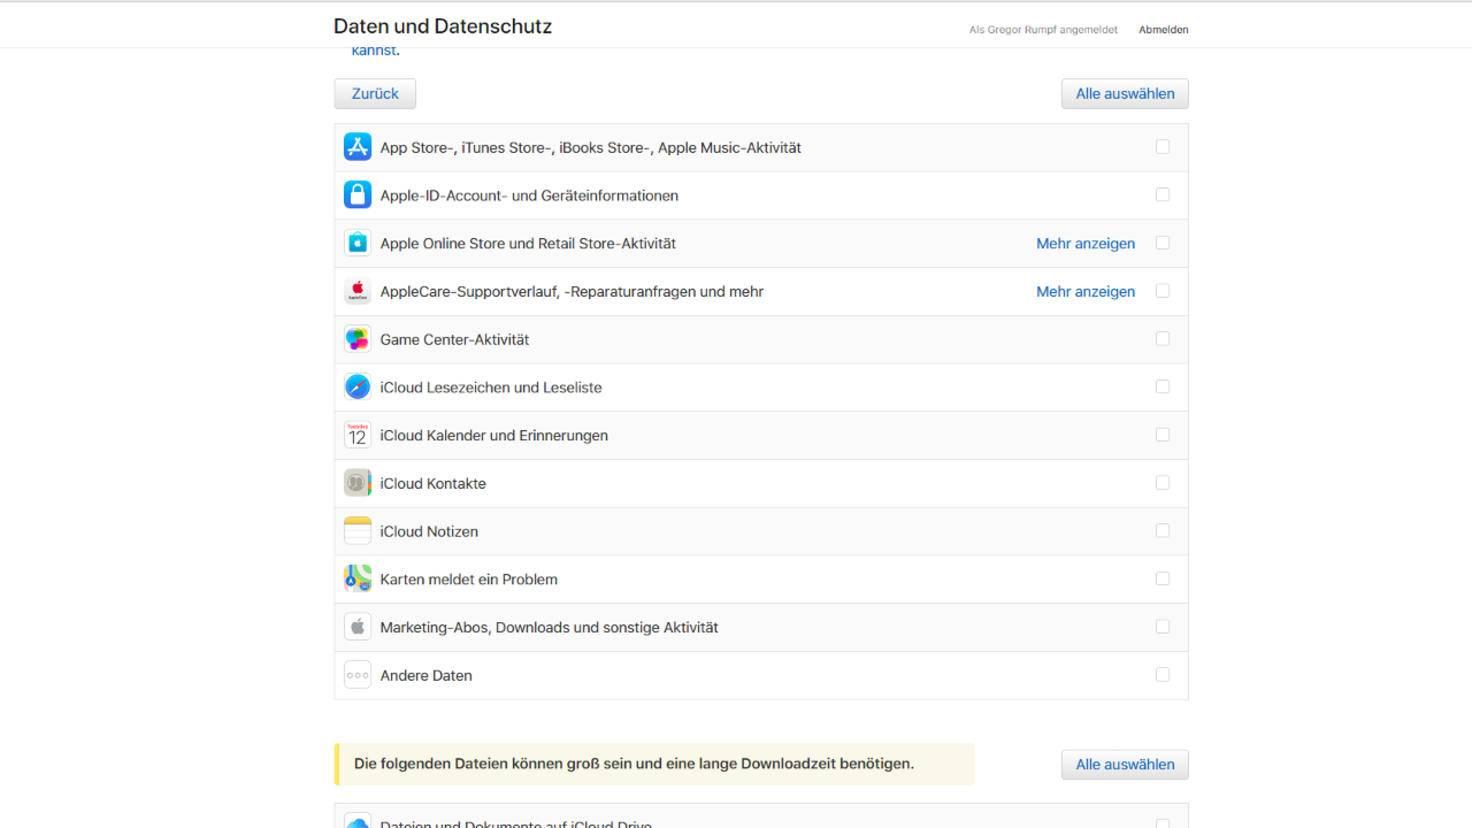 Apple-Daten